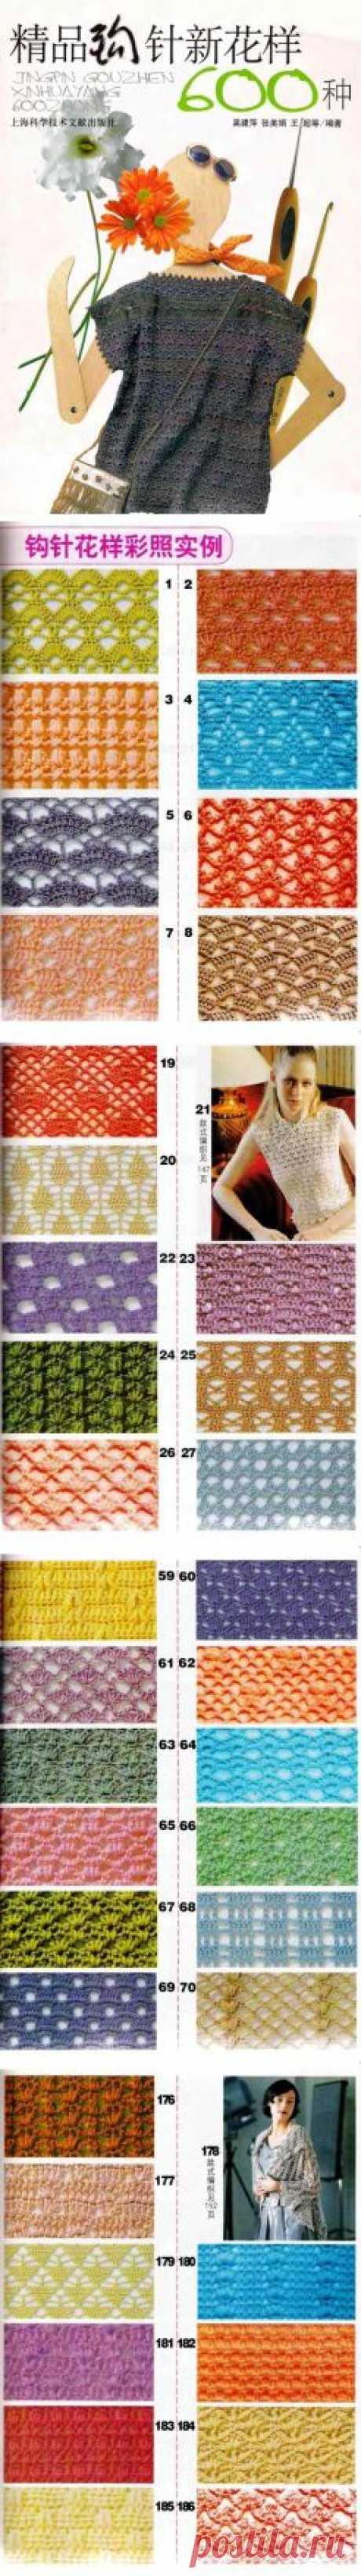 600 узоров вязания крючком (Китай).